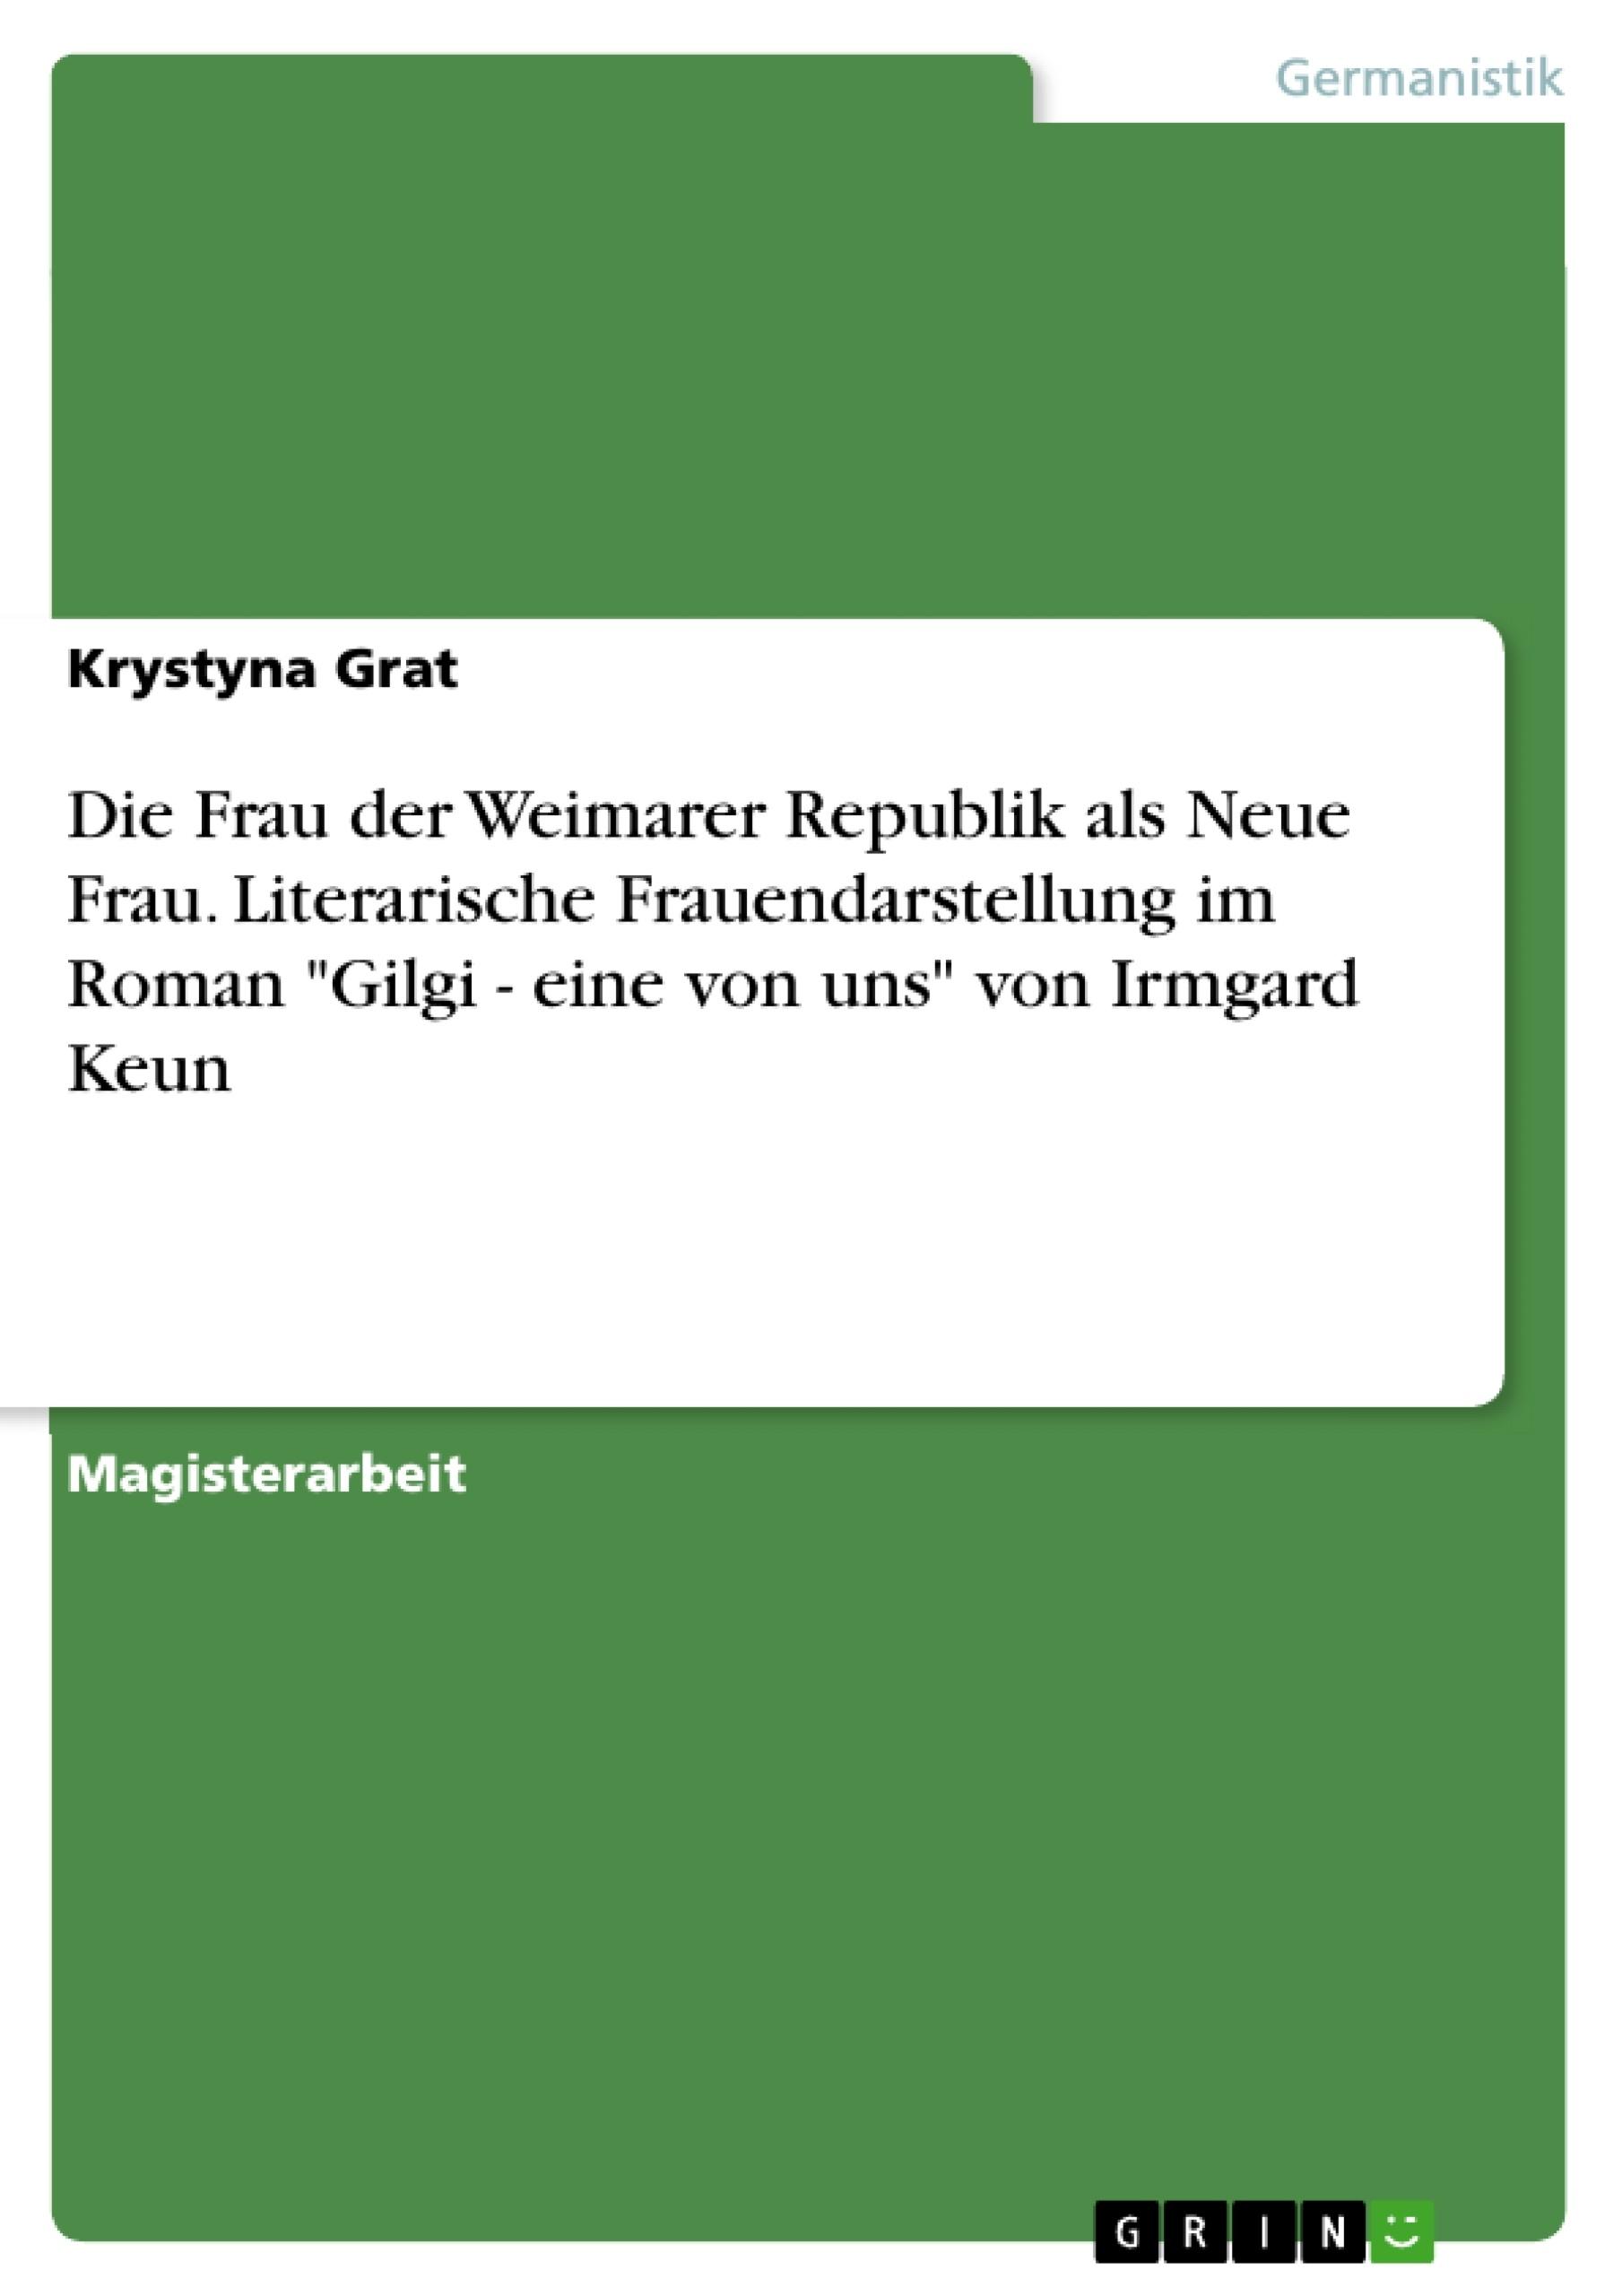 """Titel: Die Frau der Weimarer Republik als Neue Frau. Literarische Frauendarstellung im Roman """"Gilgi - eine von uns"""" von Irmgard Keun"""